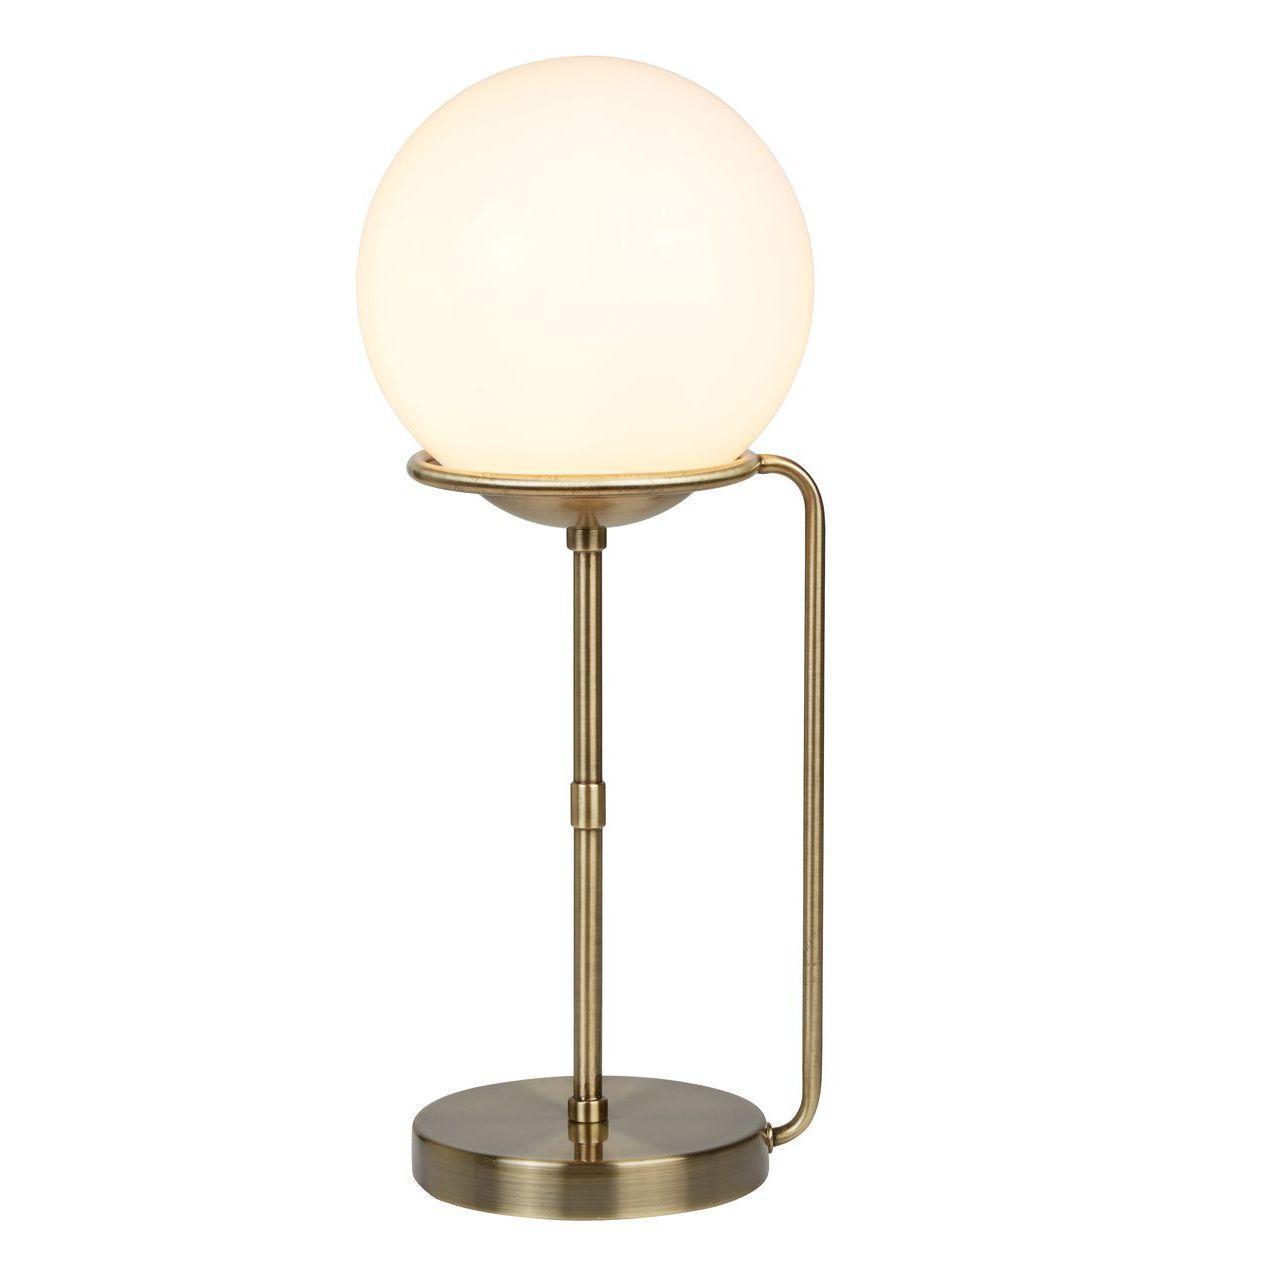 Настольная лампа Arte Lamp Bergamo A2990LT-1AB настольная лампа декоративная arte lamp bergamo a2990lt 1cc